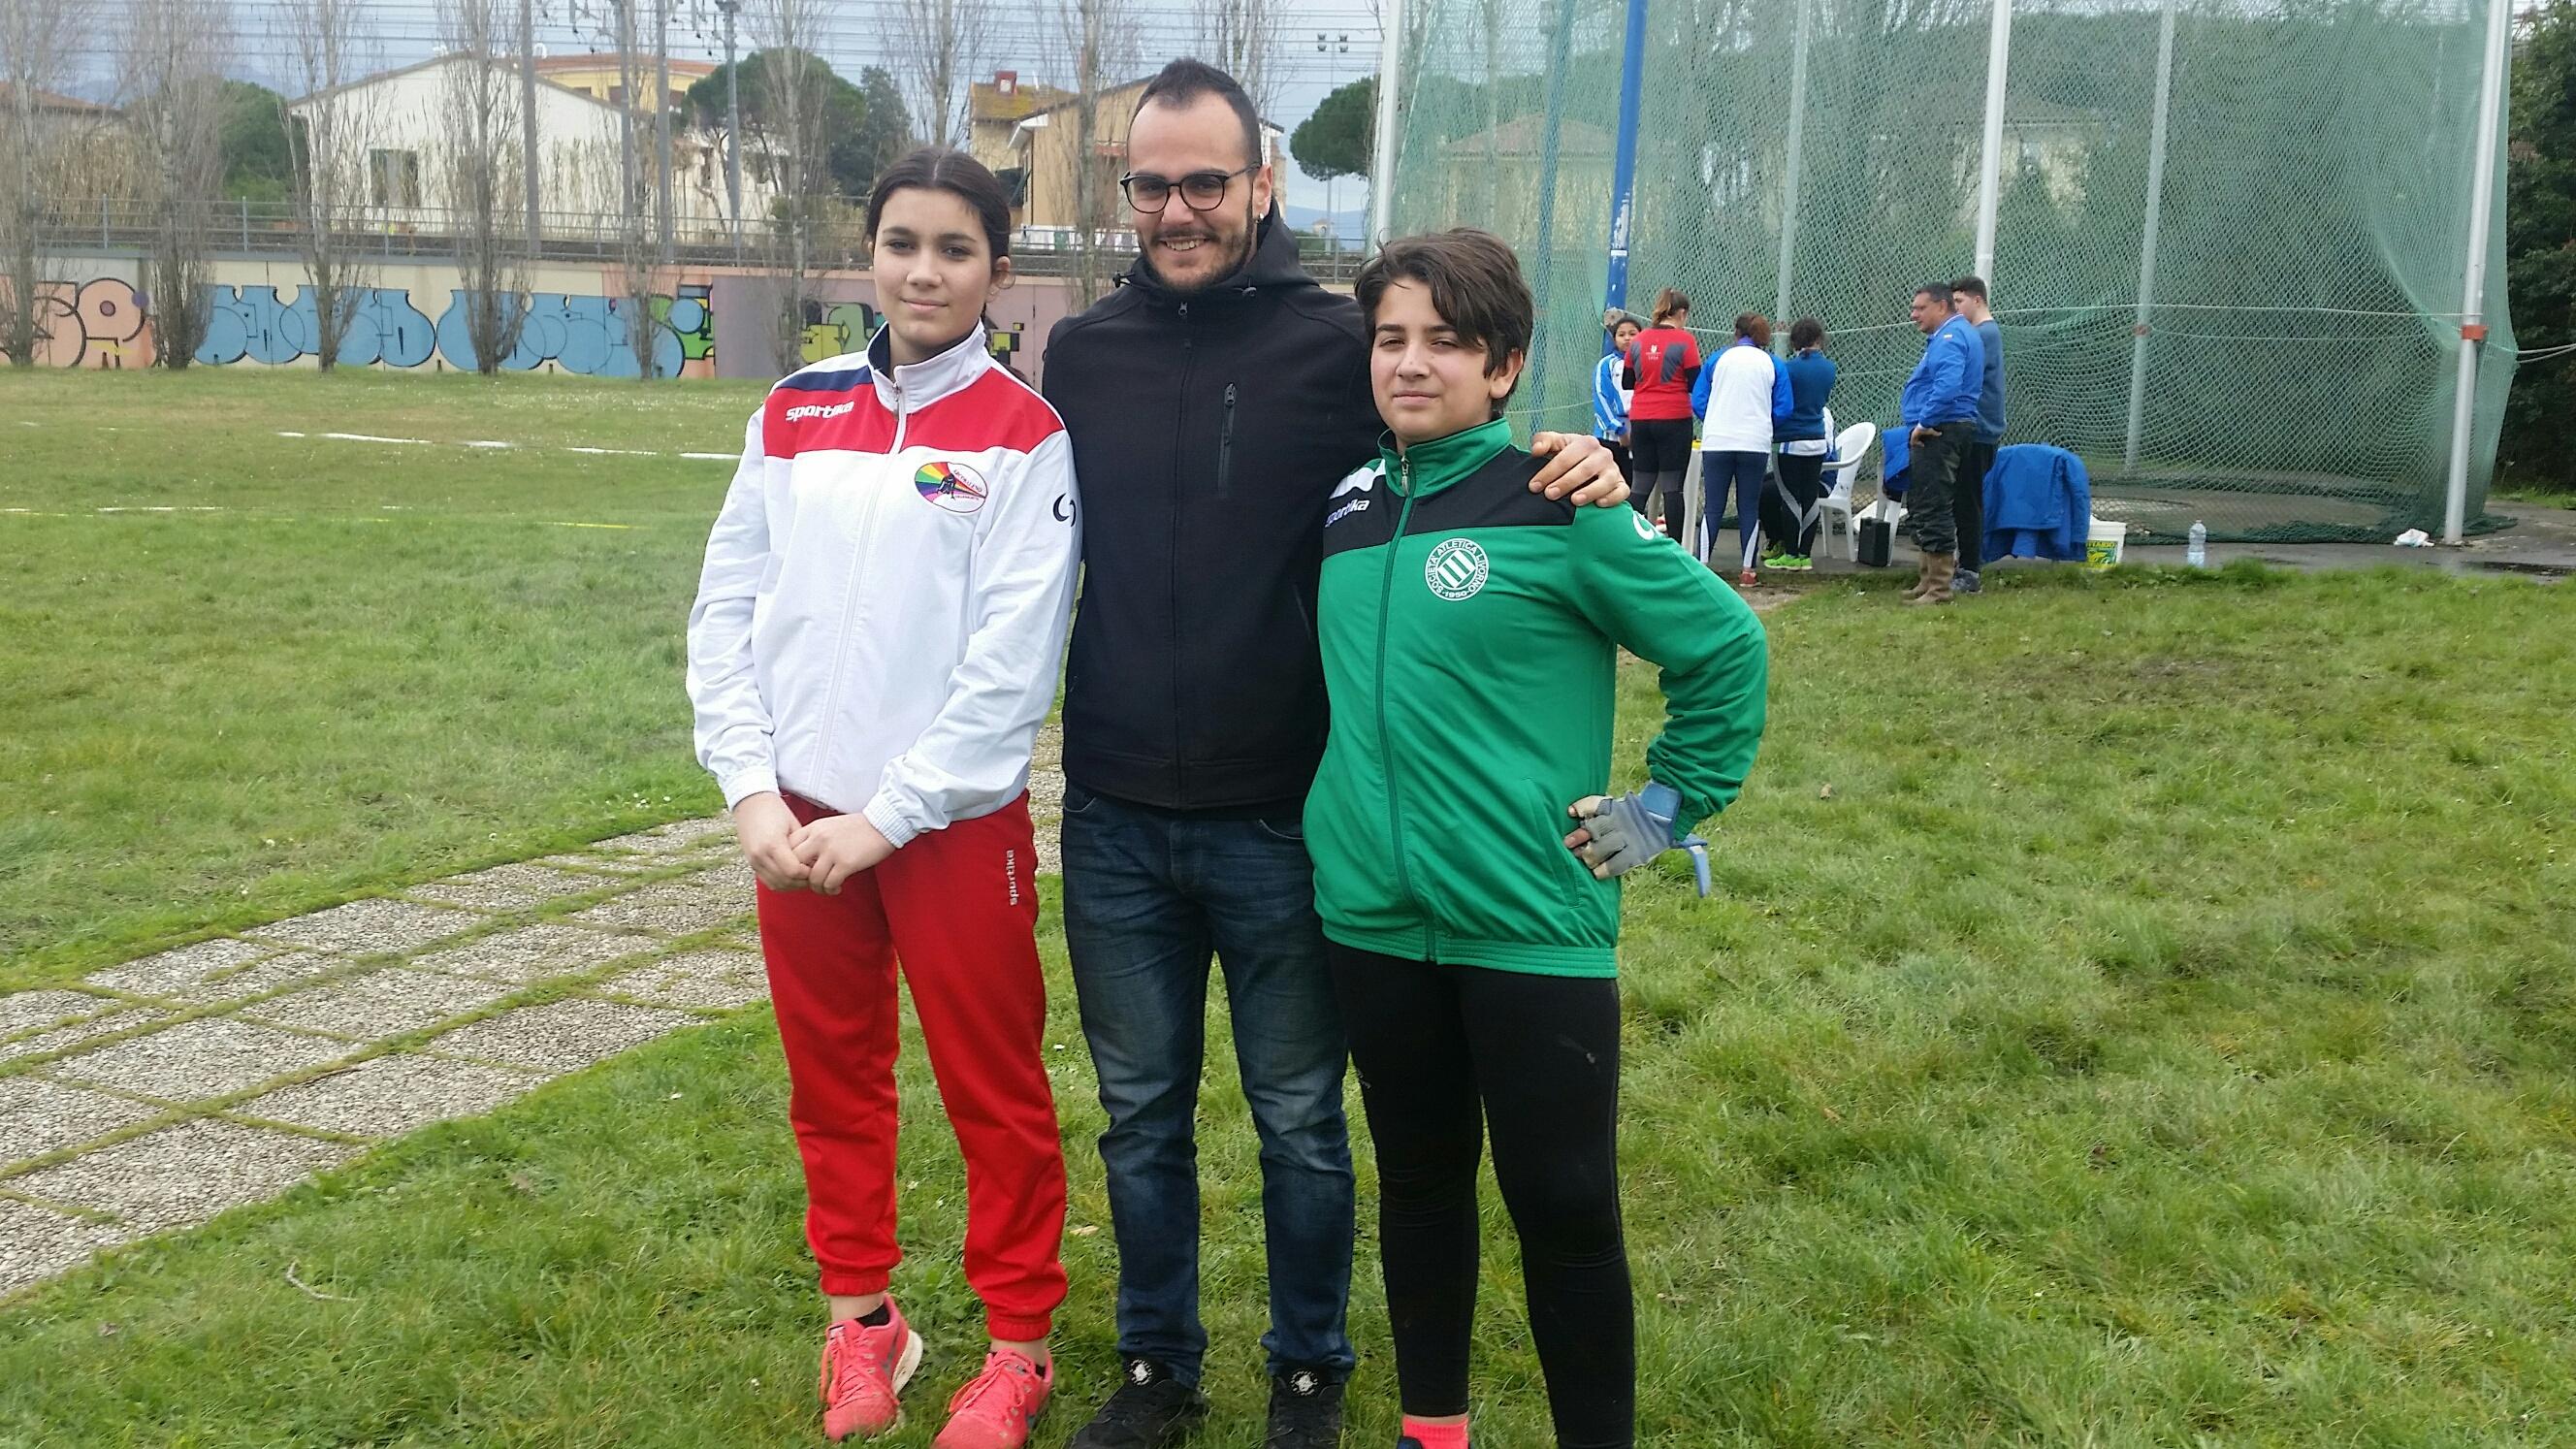 Domenica 04 marzo gara di lanci allievi a Pisa con inclusa anche gara cadette di martello. Prima gara in programma proprio il martello femminile con […]